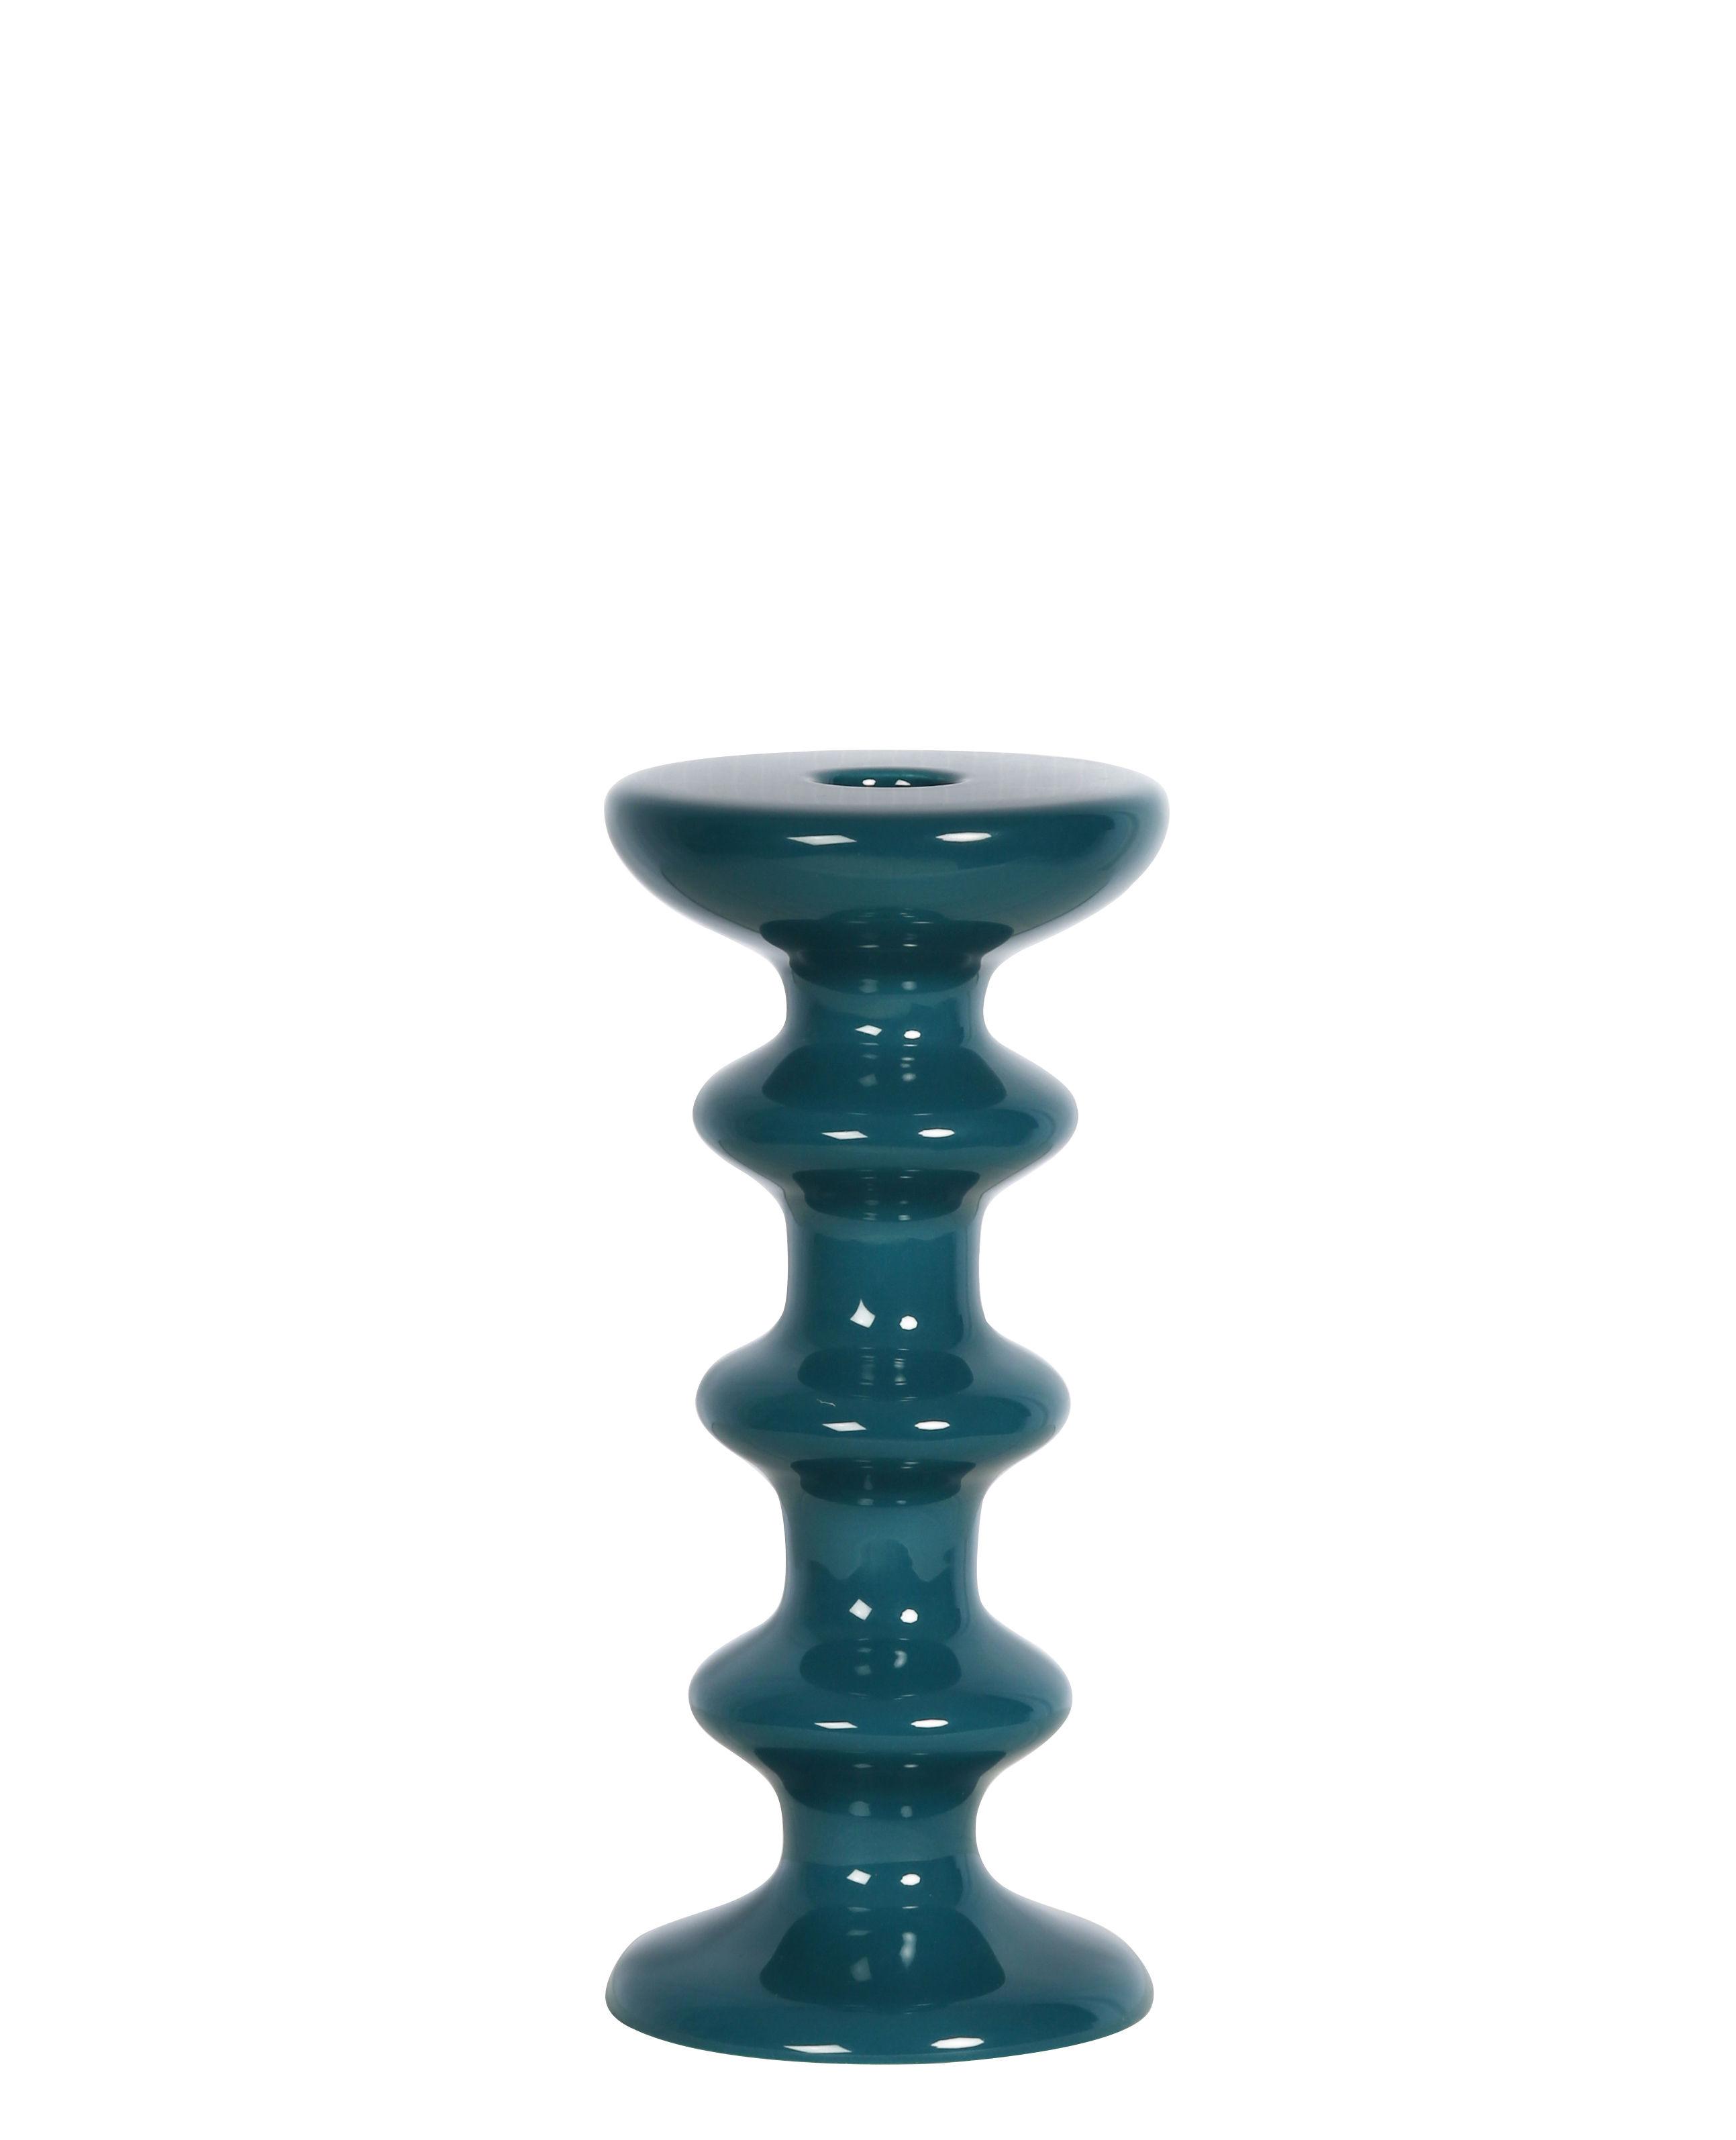 Decoration - Candles & Candle Holders - Slave Candle stick - / Ceramic - H 20 cm by Maison Sarah Lavoine - Sarah blue - Ceramic